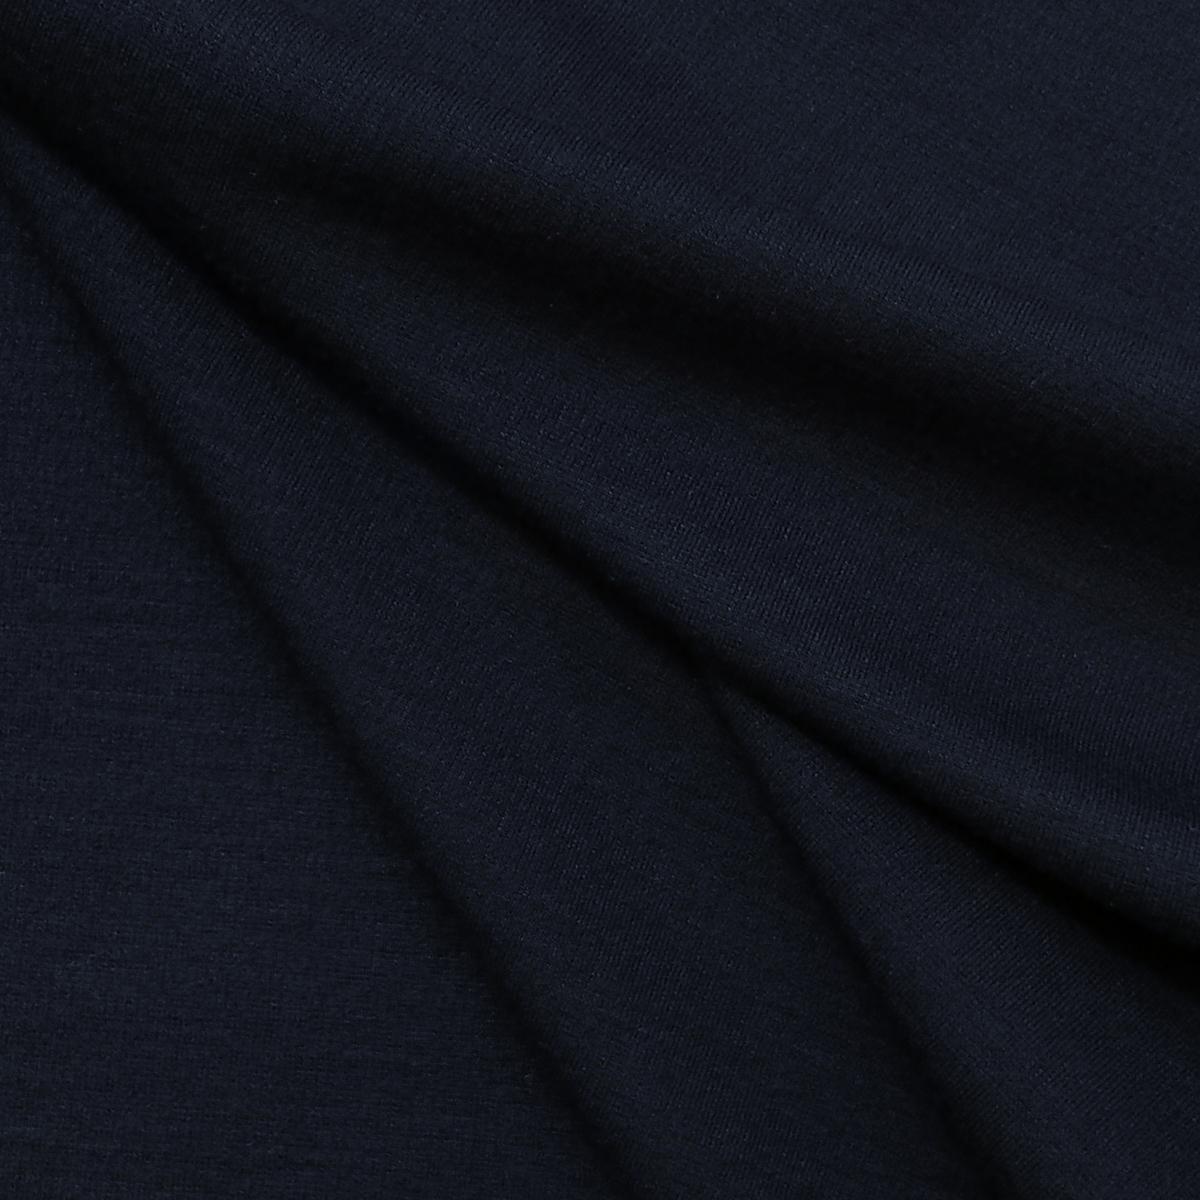 Шерстяное стретч-джерси с нейлоном чернильного цвета